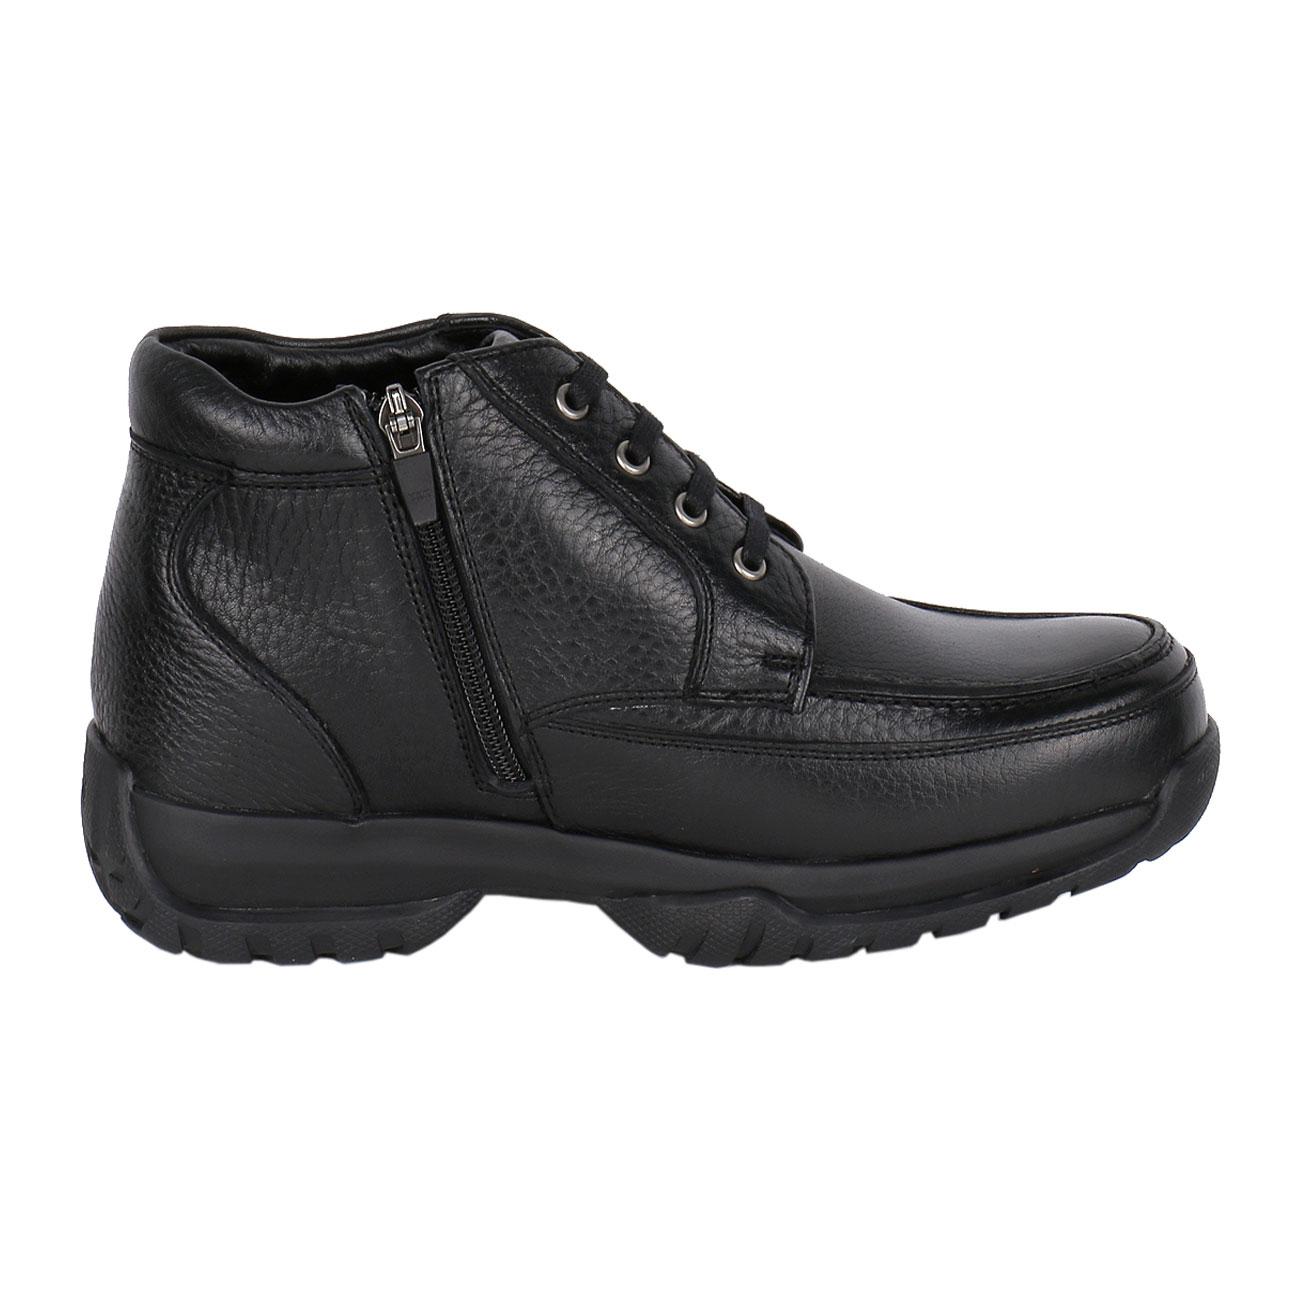 Men's Great Outdoor Height Raising Boot 2.8